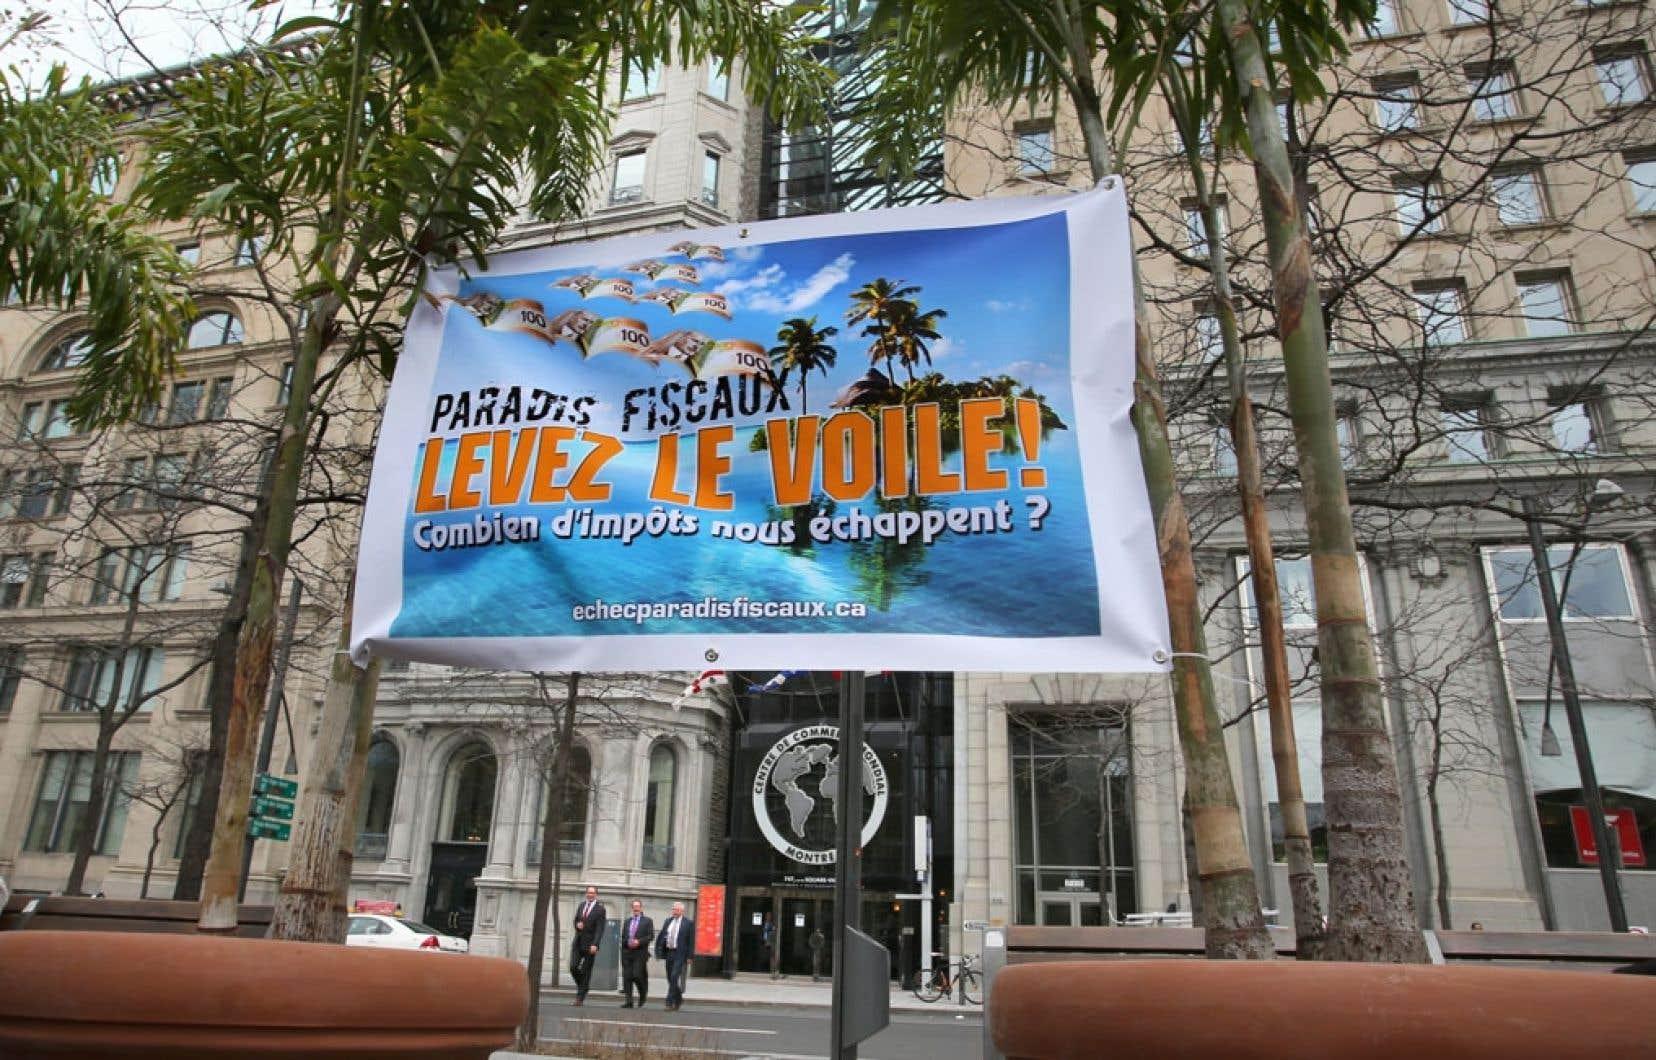 La coalition Échec aux paradis fiscaux avait installé des palmiers et une grande affiche devant le Centre du commerce mondial, à Montréal, où le ministre québécois des Finances, Nicolas Marceau, a ses bureaux, à l'occasion du lancement de sa campagne « Levez le voile ! ».